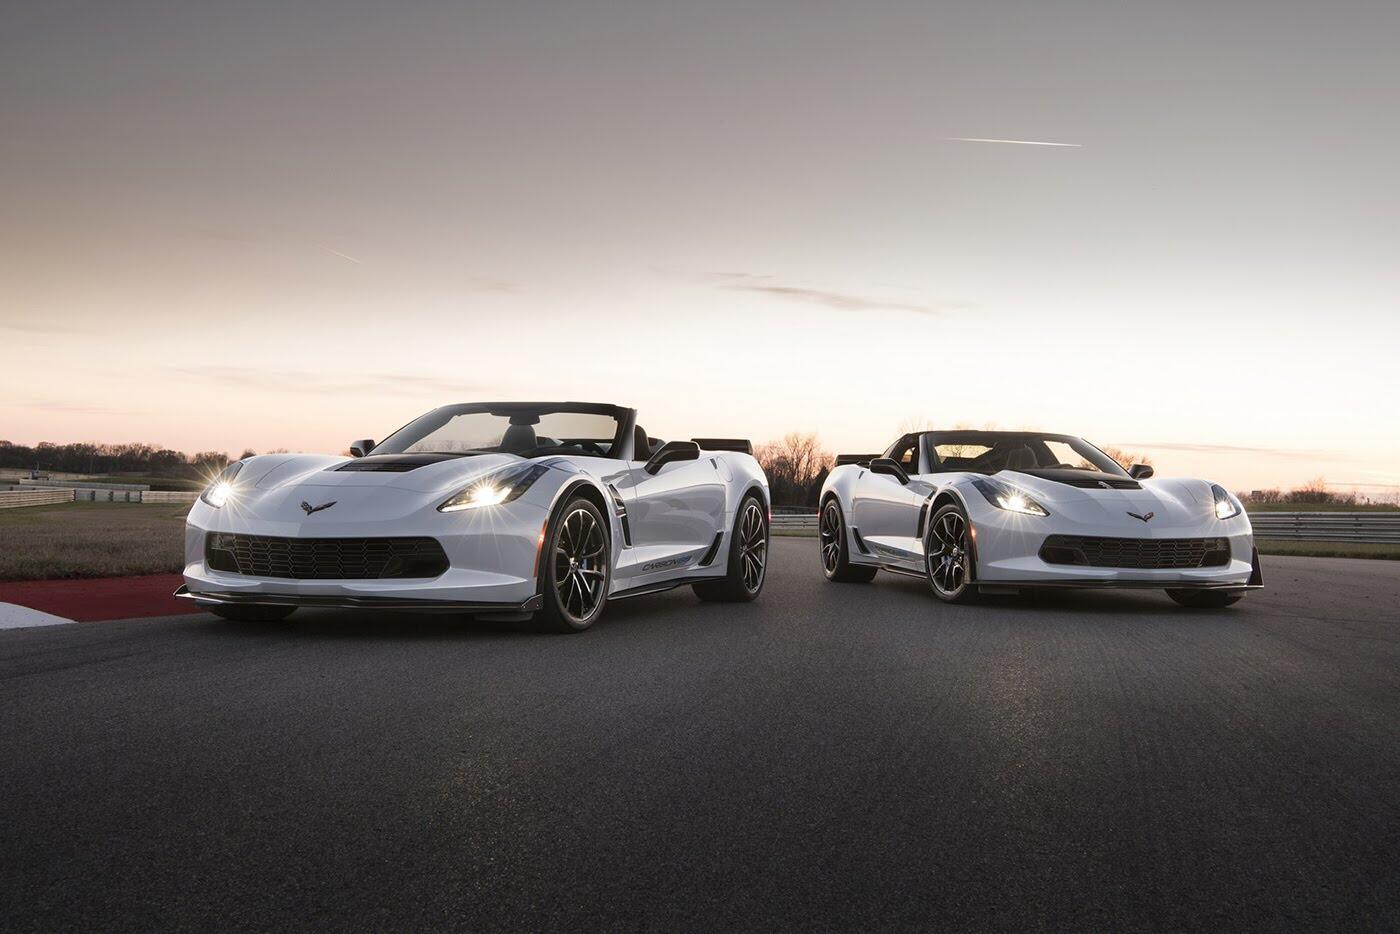 Chevrolet Corvette 2018 chính thức ra mắt, giá từ 56.490 USD - Hình 2